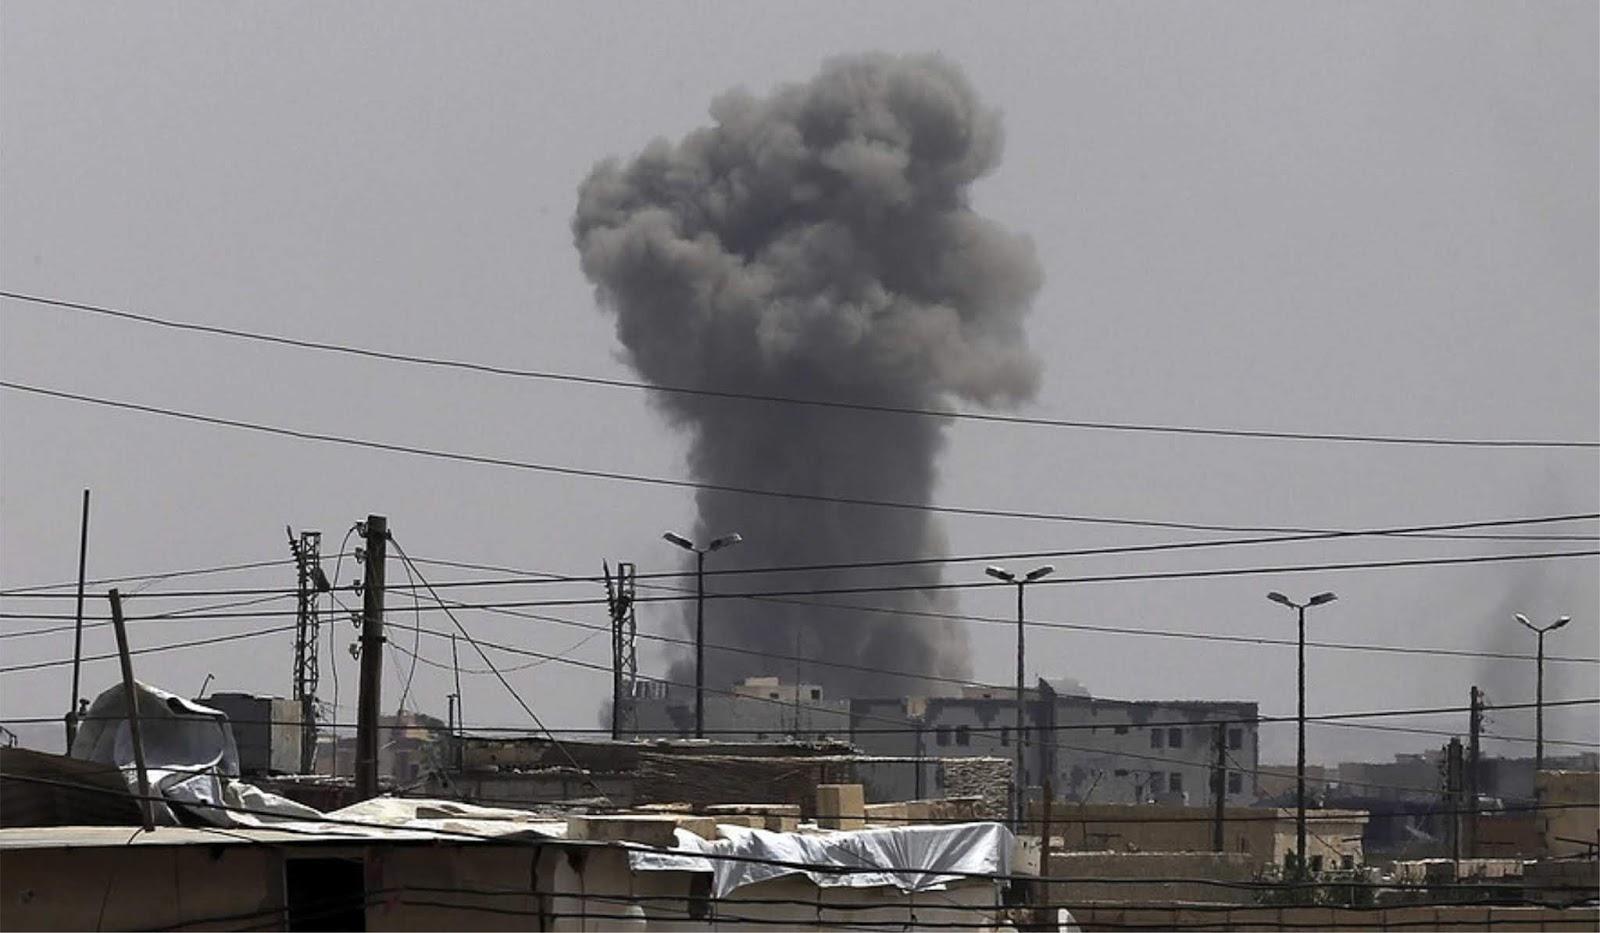 Serangan udara koalisi pimpinan AS menewaskan 40 warga sipil Suriah